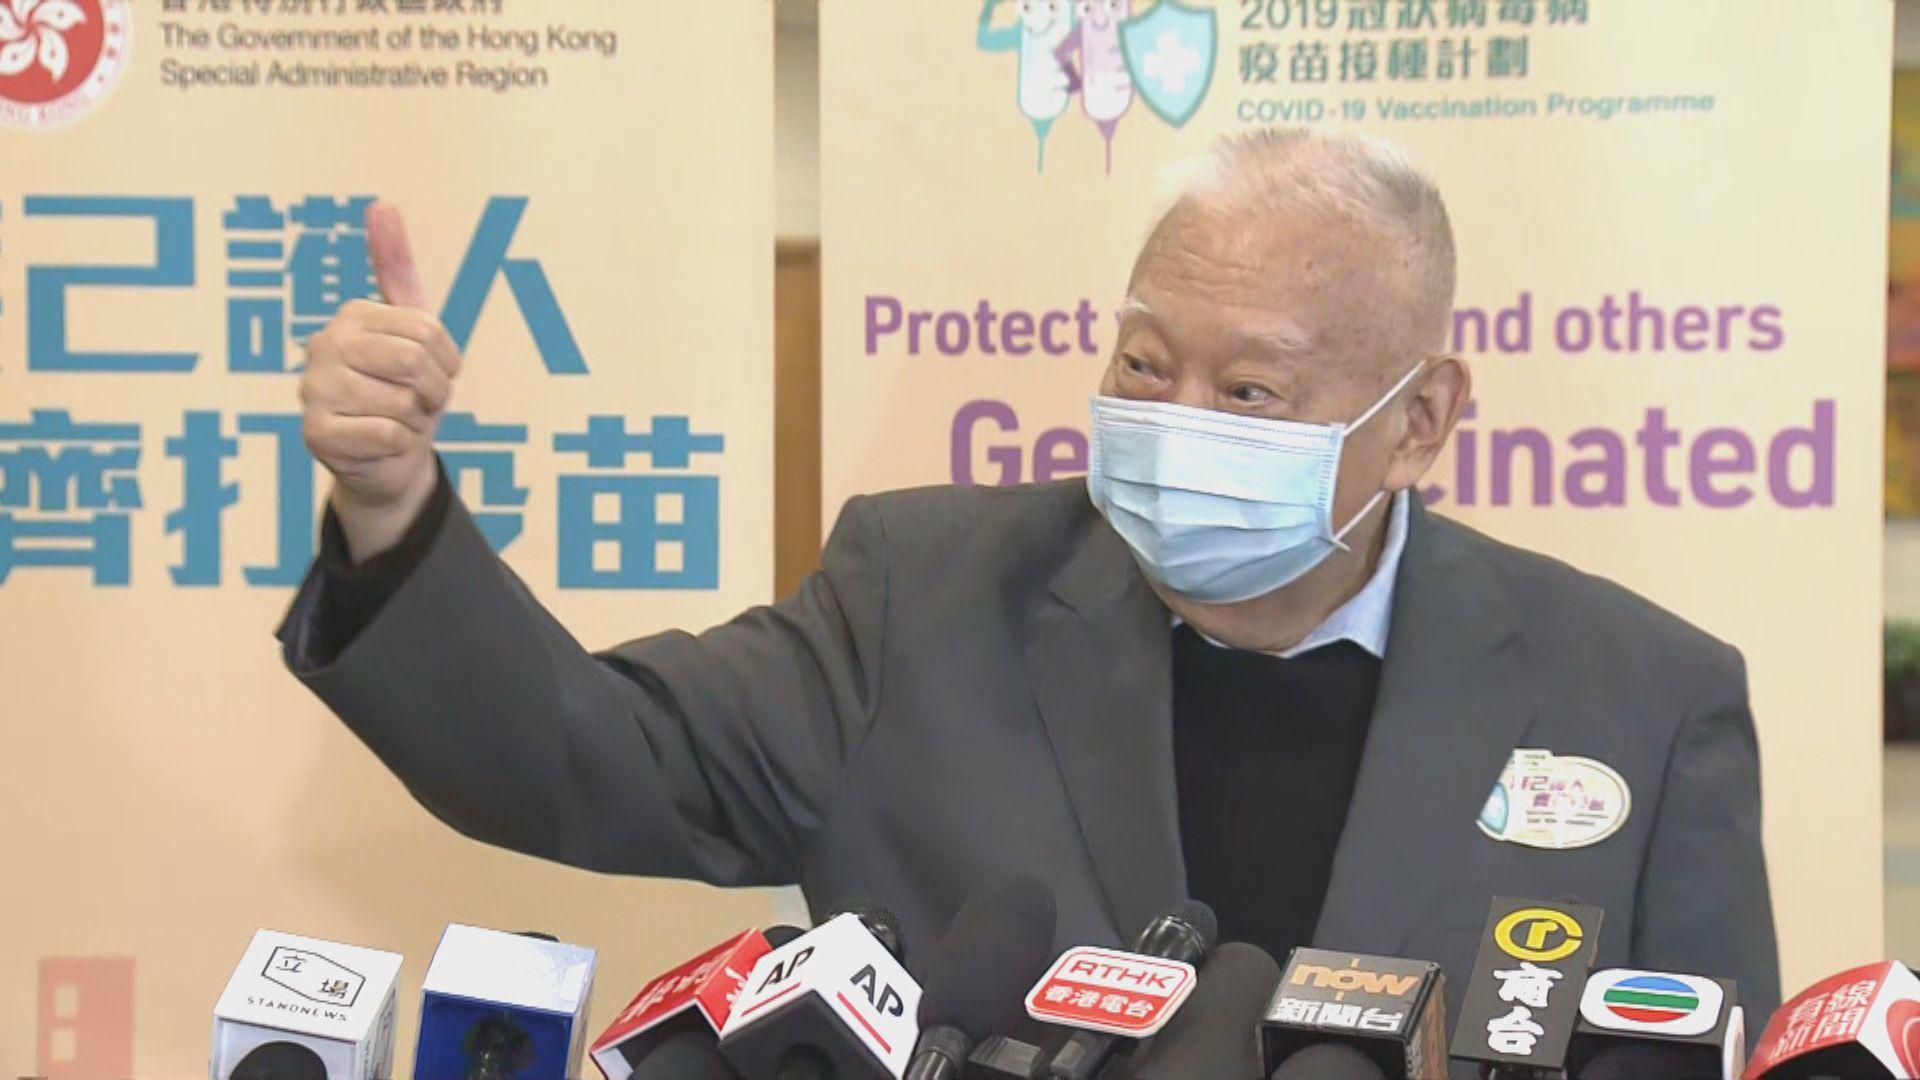 多名前官員到場接種科興疫苗 董建華籲市民接種